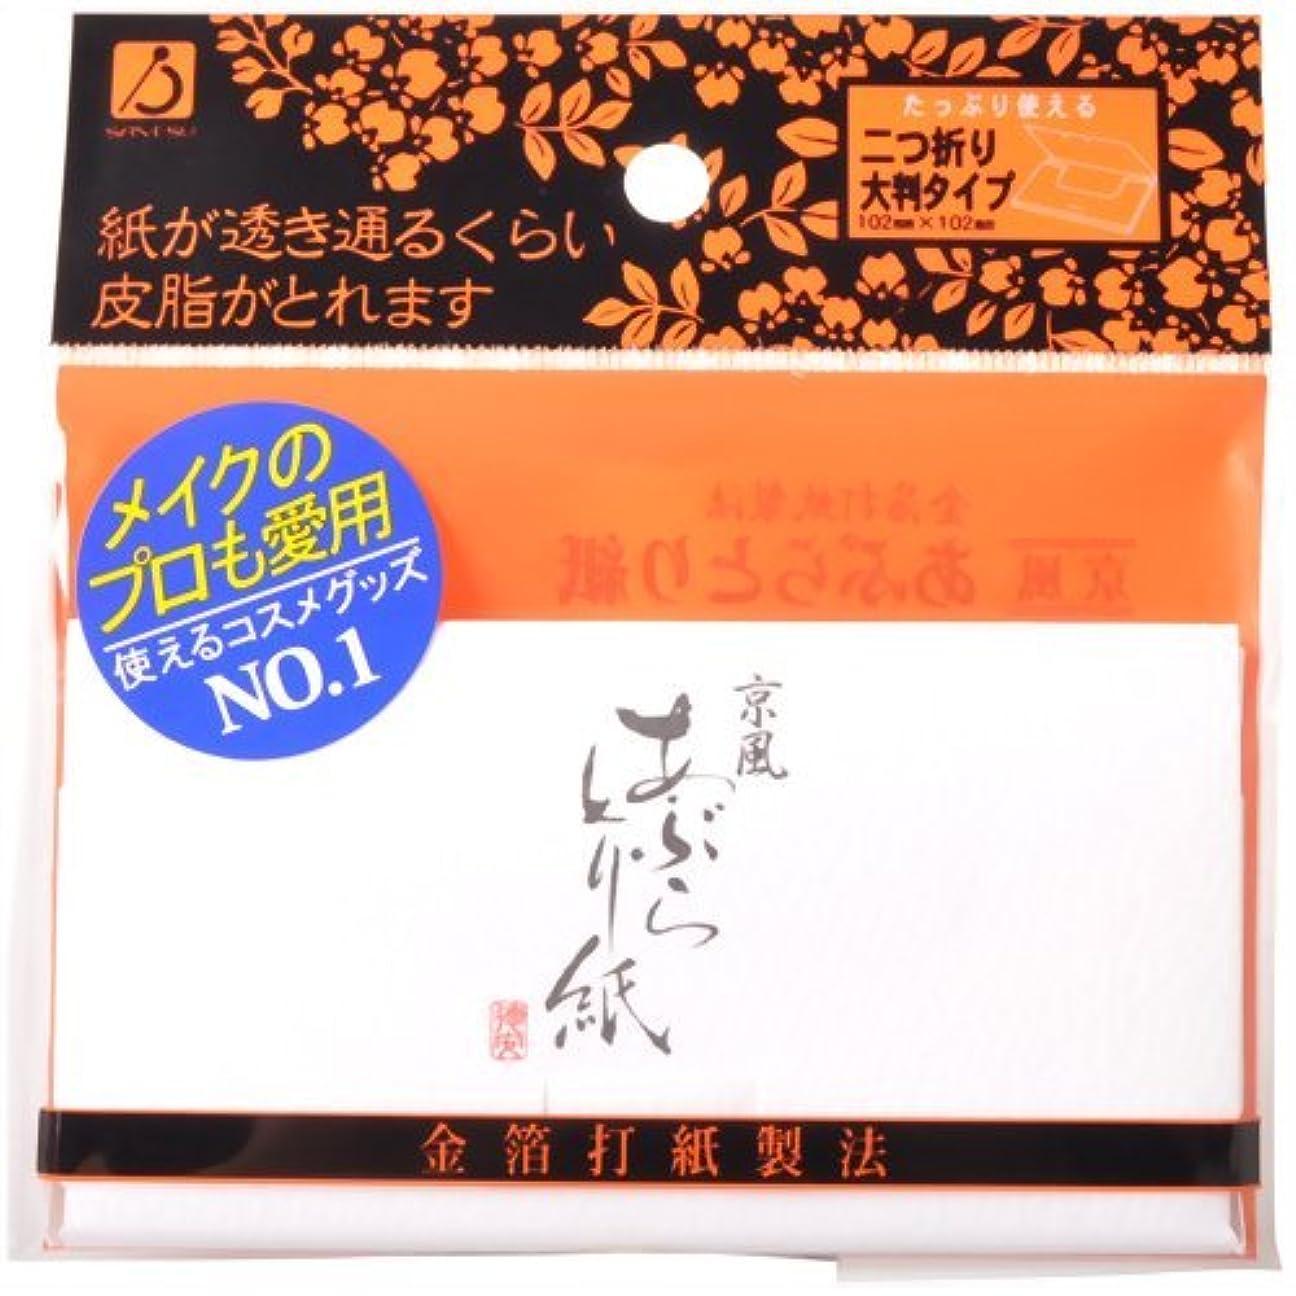 ケイ素神安価なFP-400 京風アブラトリガミ 大判 30枚